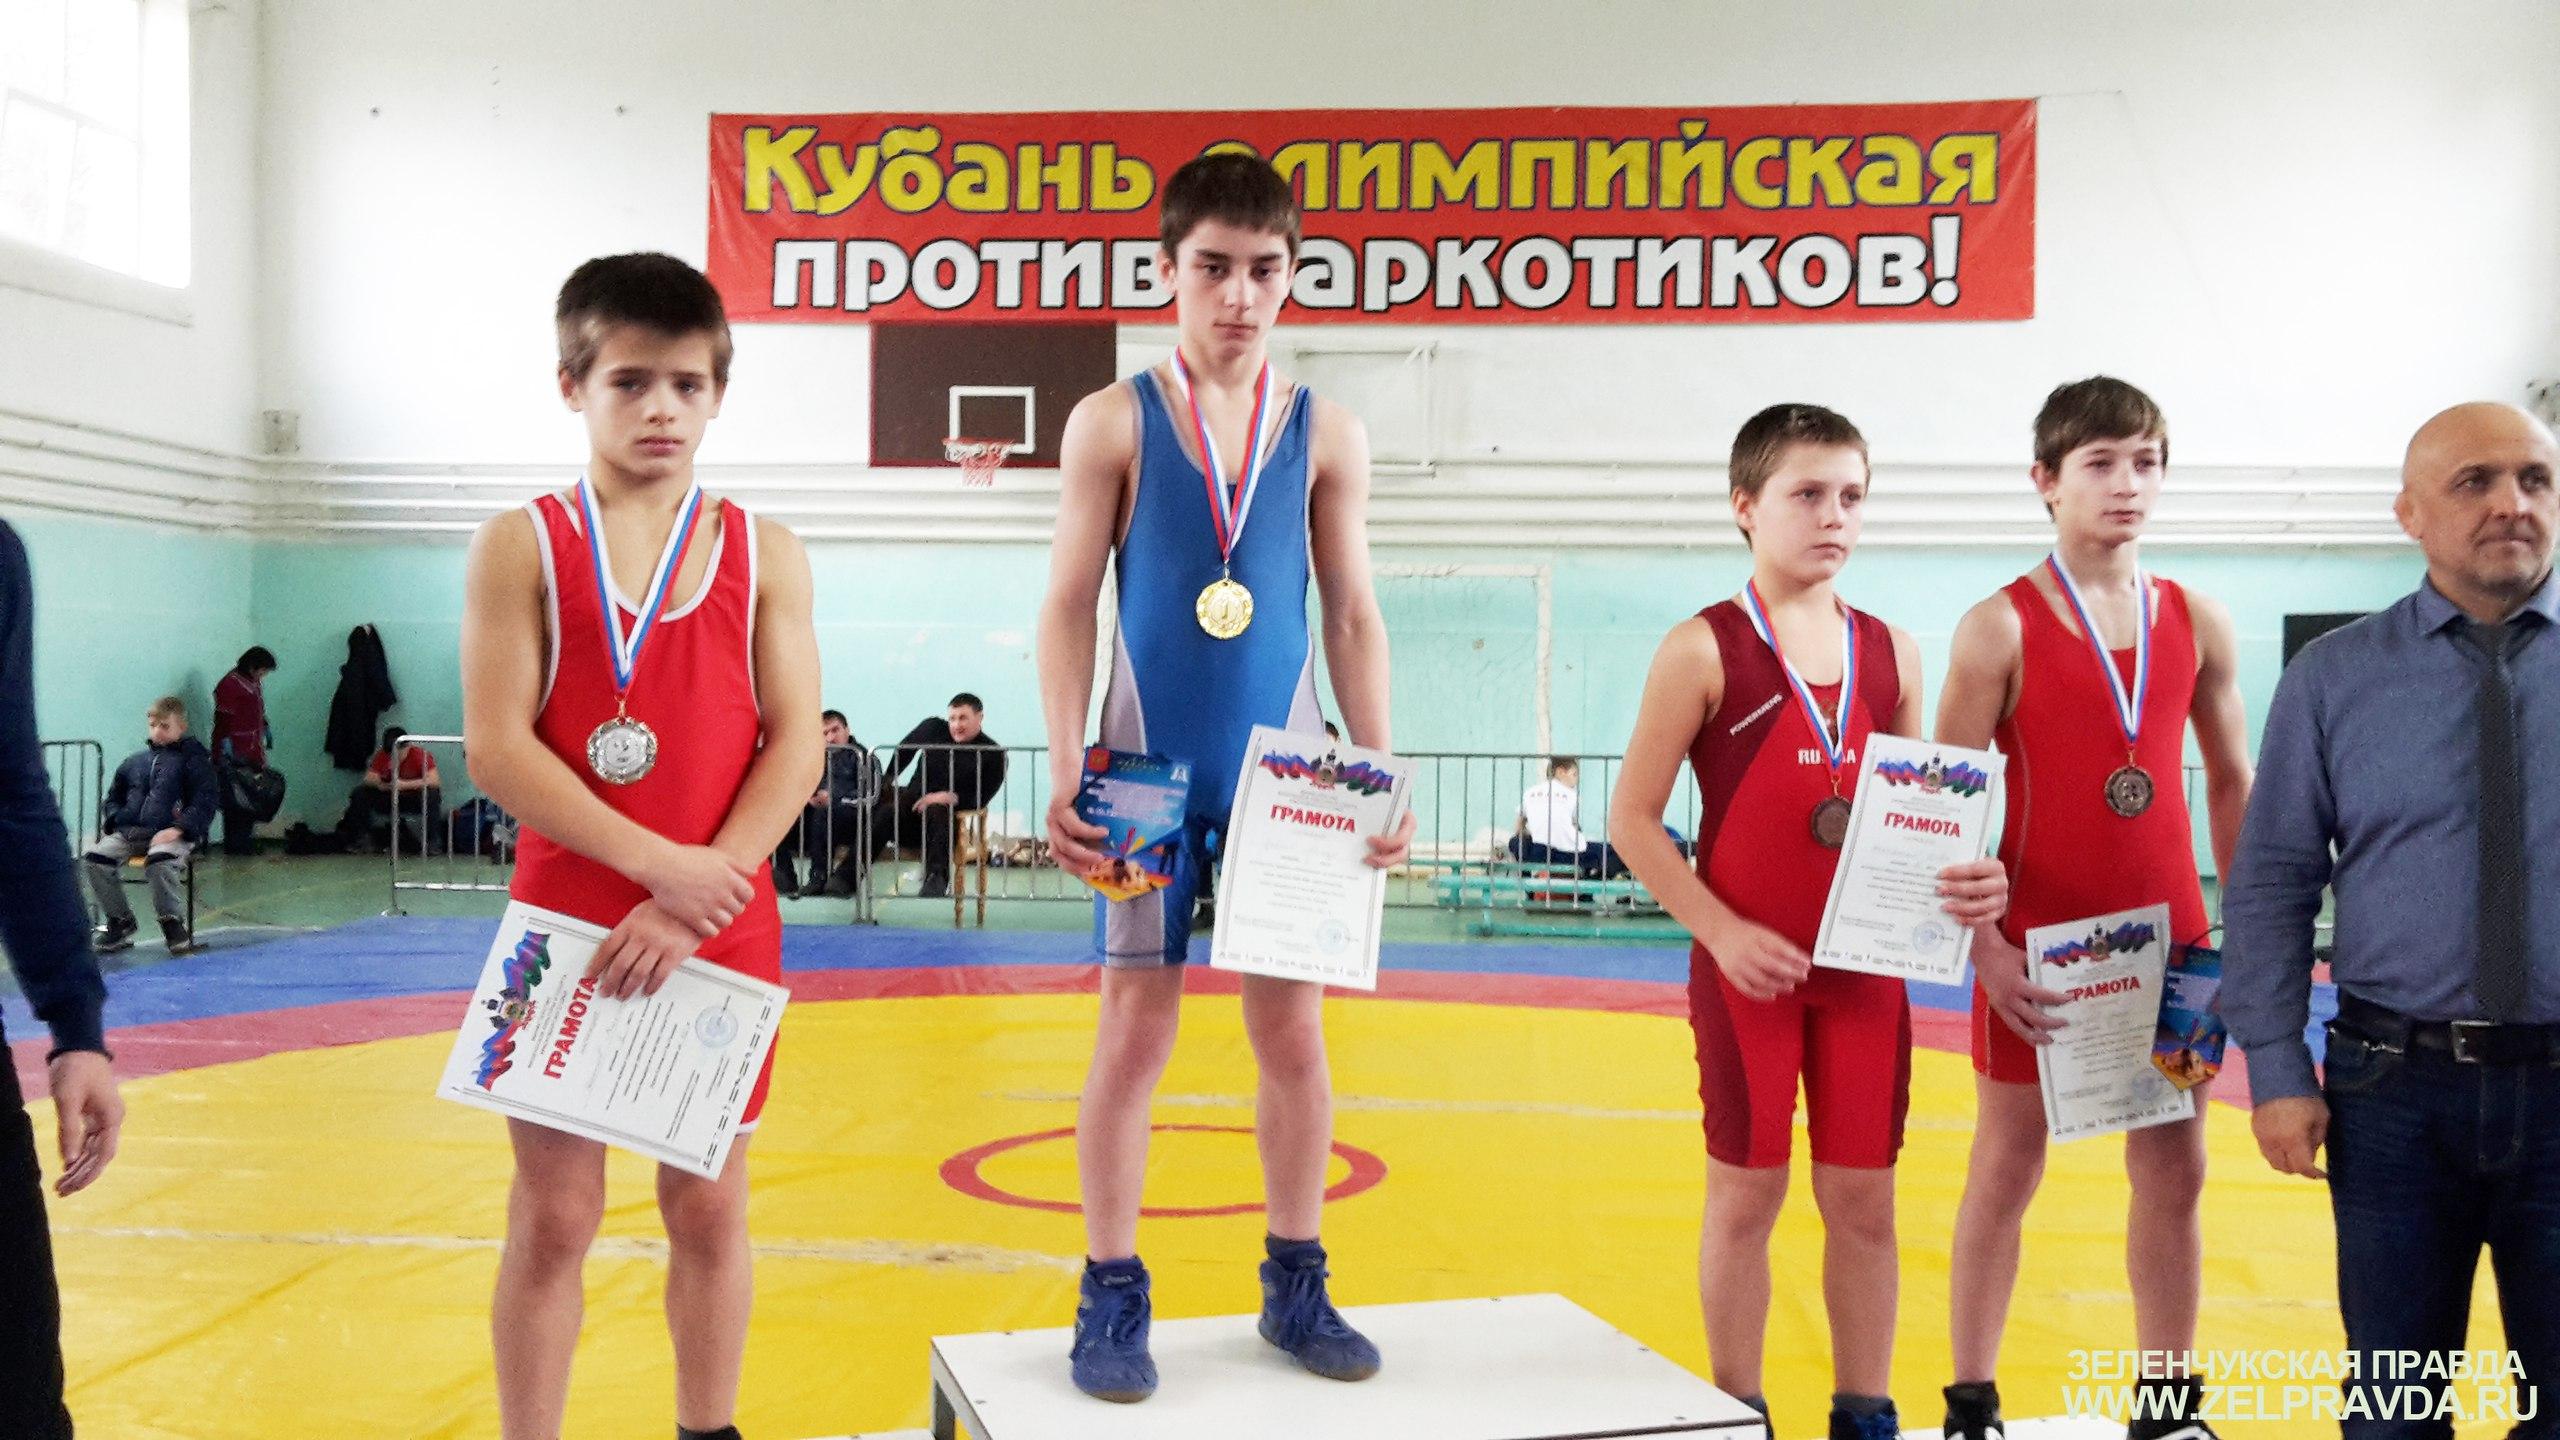 Вольник из Сторожевой стал золотым призером краевых соревнований в Горячем Ключе